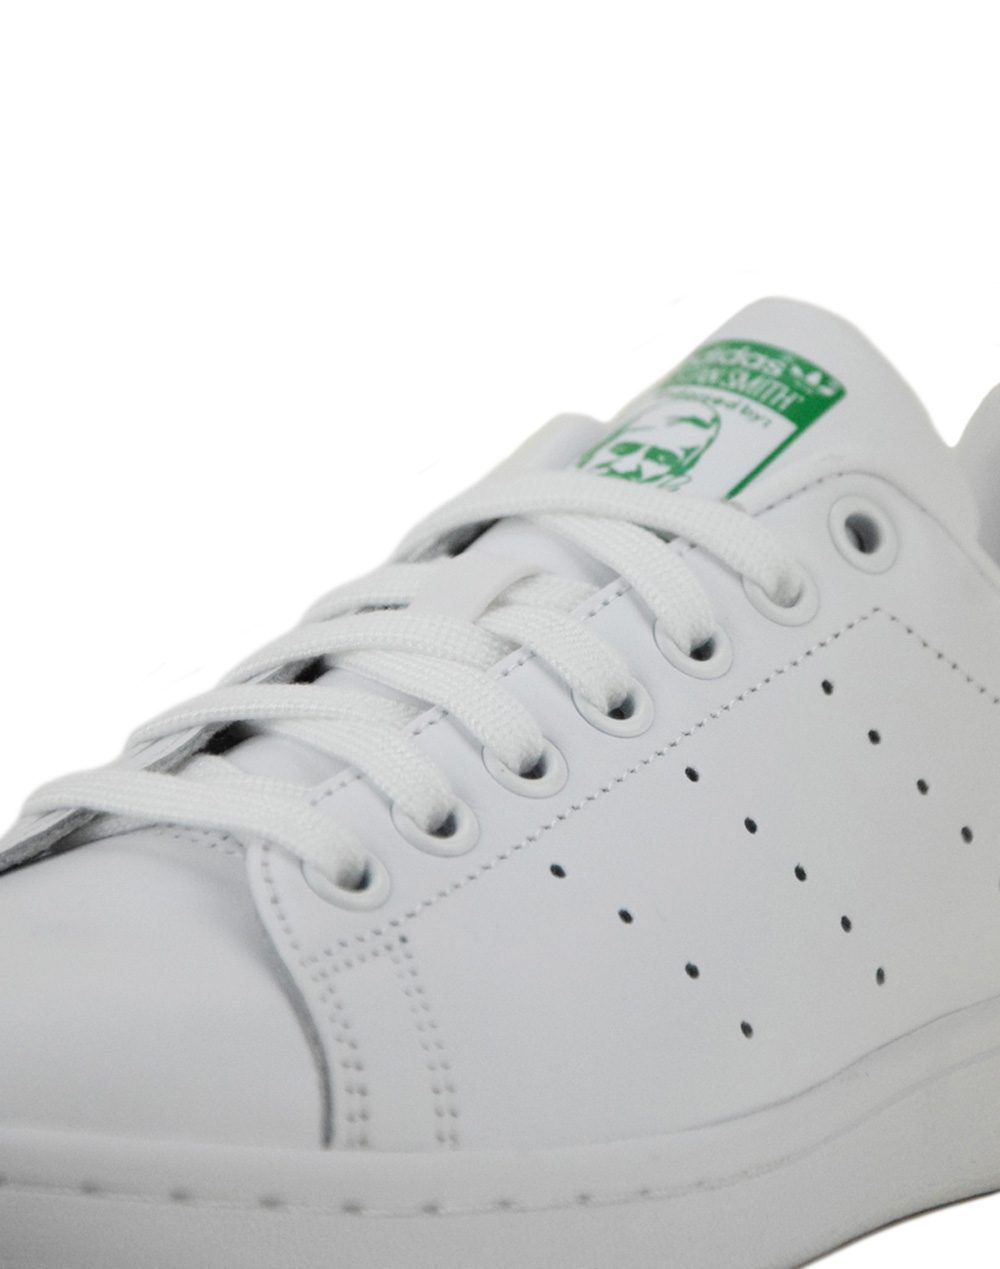 Adidas Stan Smith Junior (M20605) White/Green